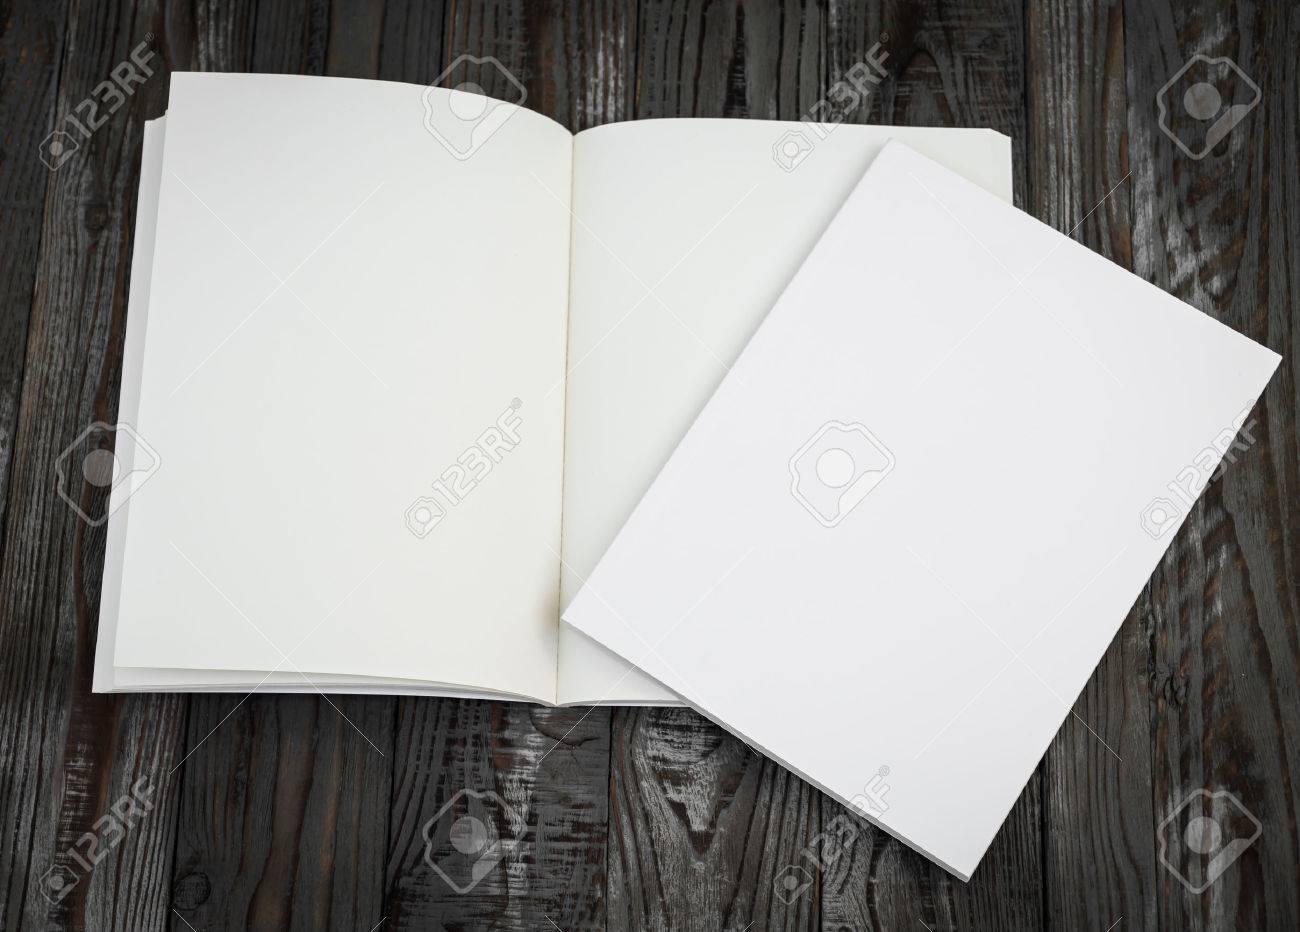 Blank catalog, magazines,book mock up on wood background - 47382081